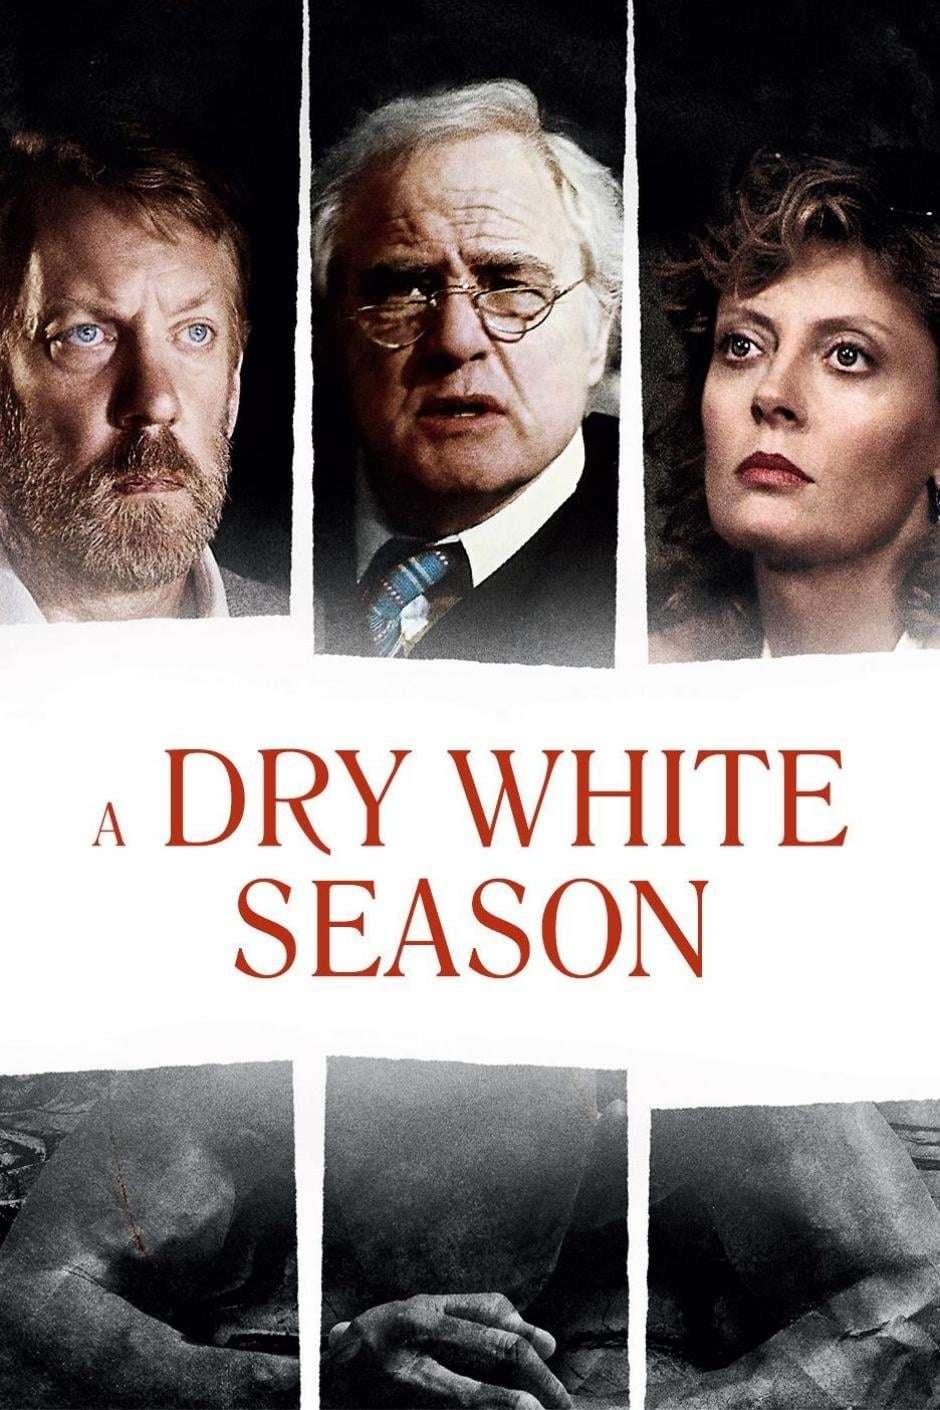 A Dry White Season kapak